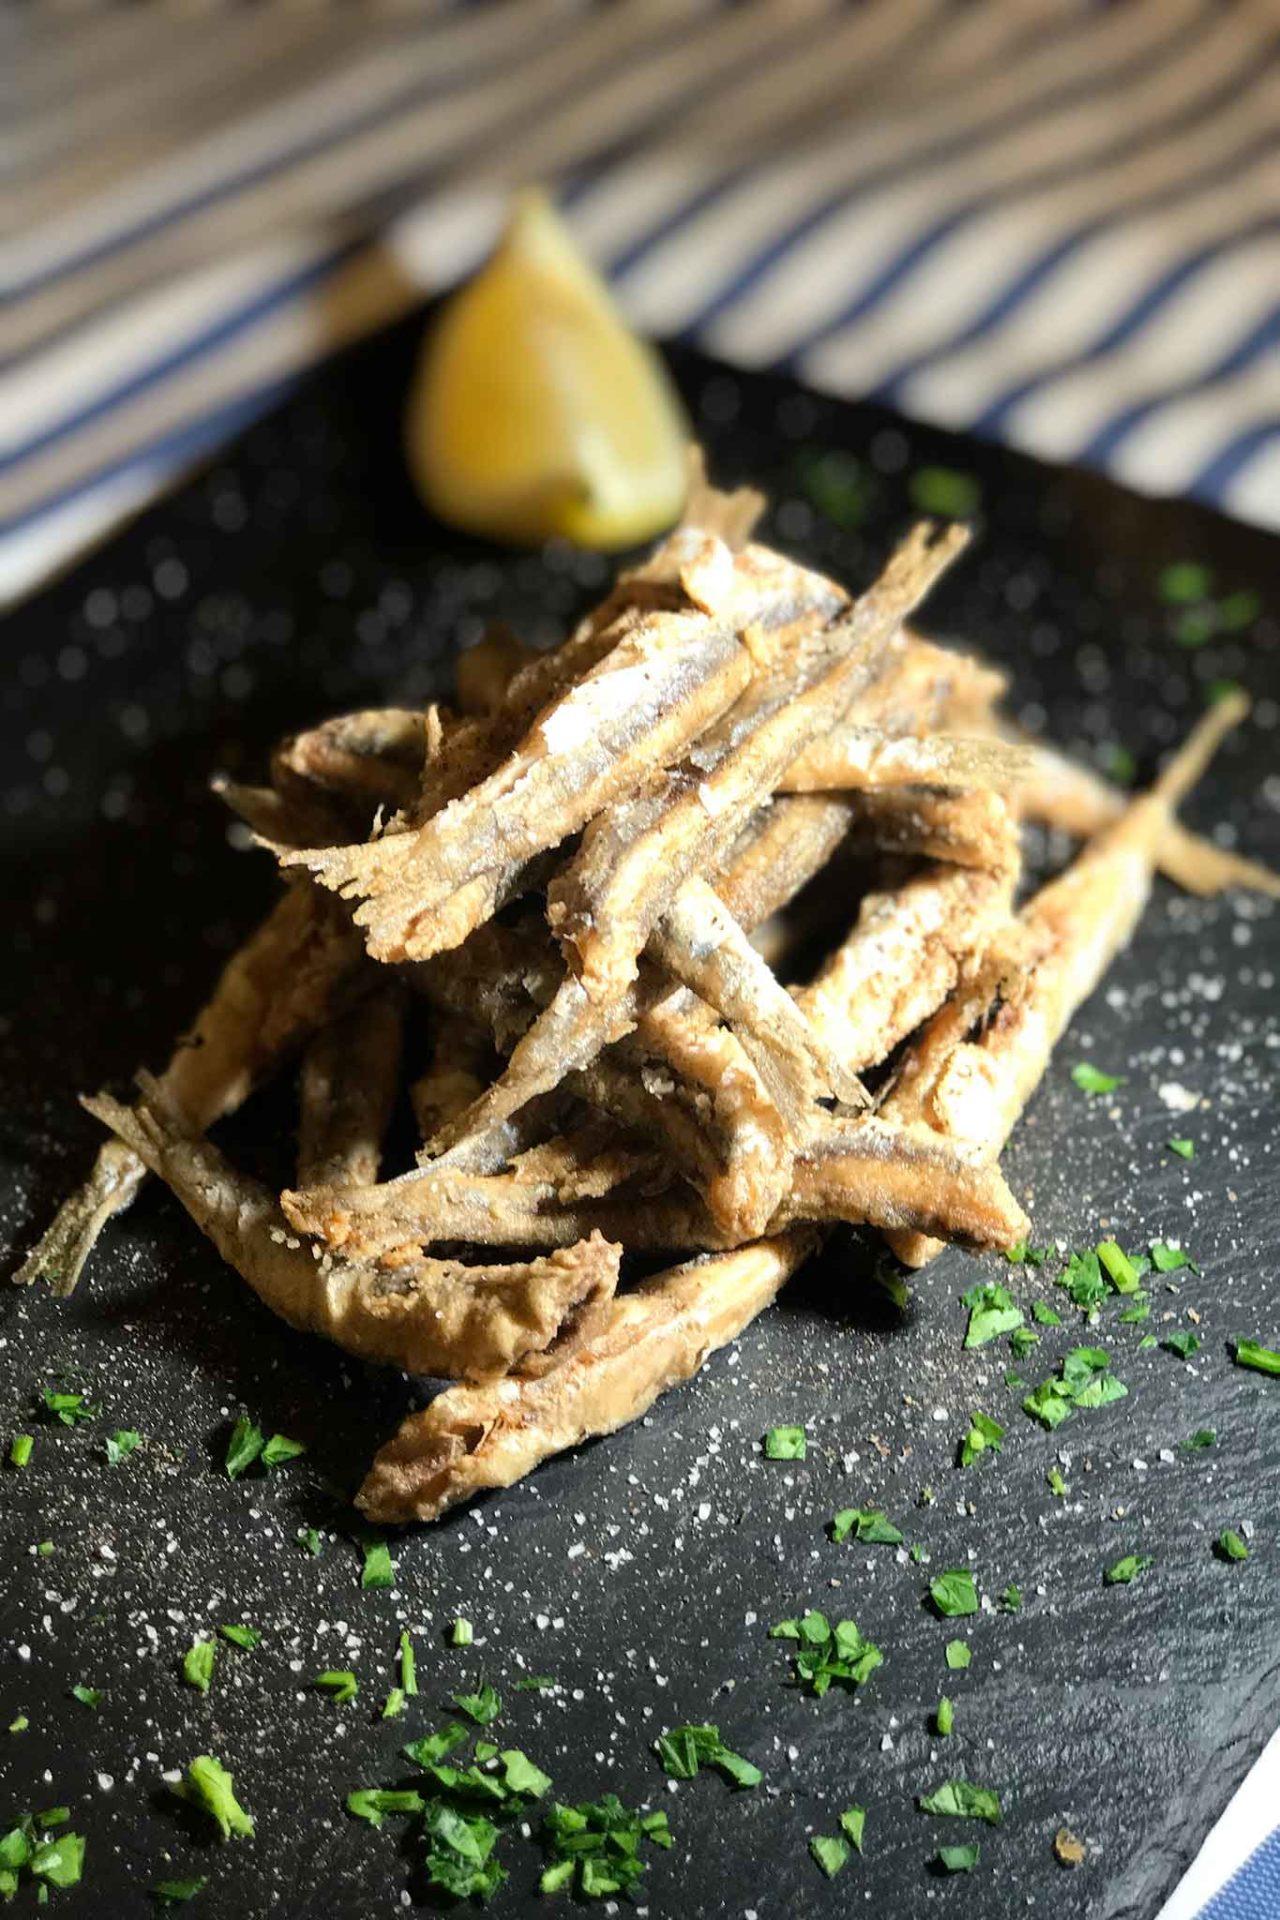 alici fritte Acciaroli Cilento prezzo 10 euro